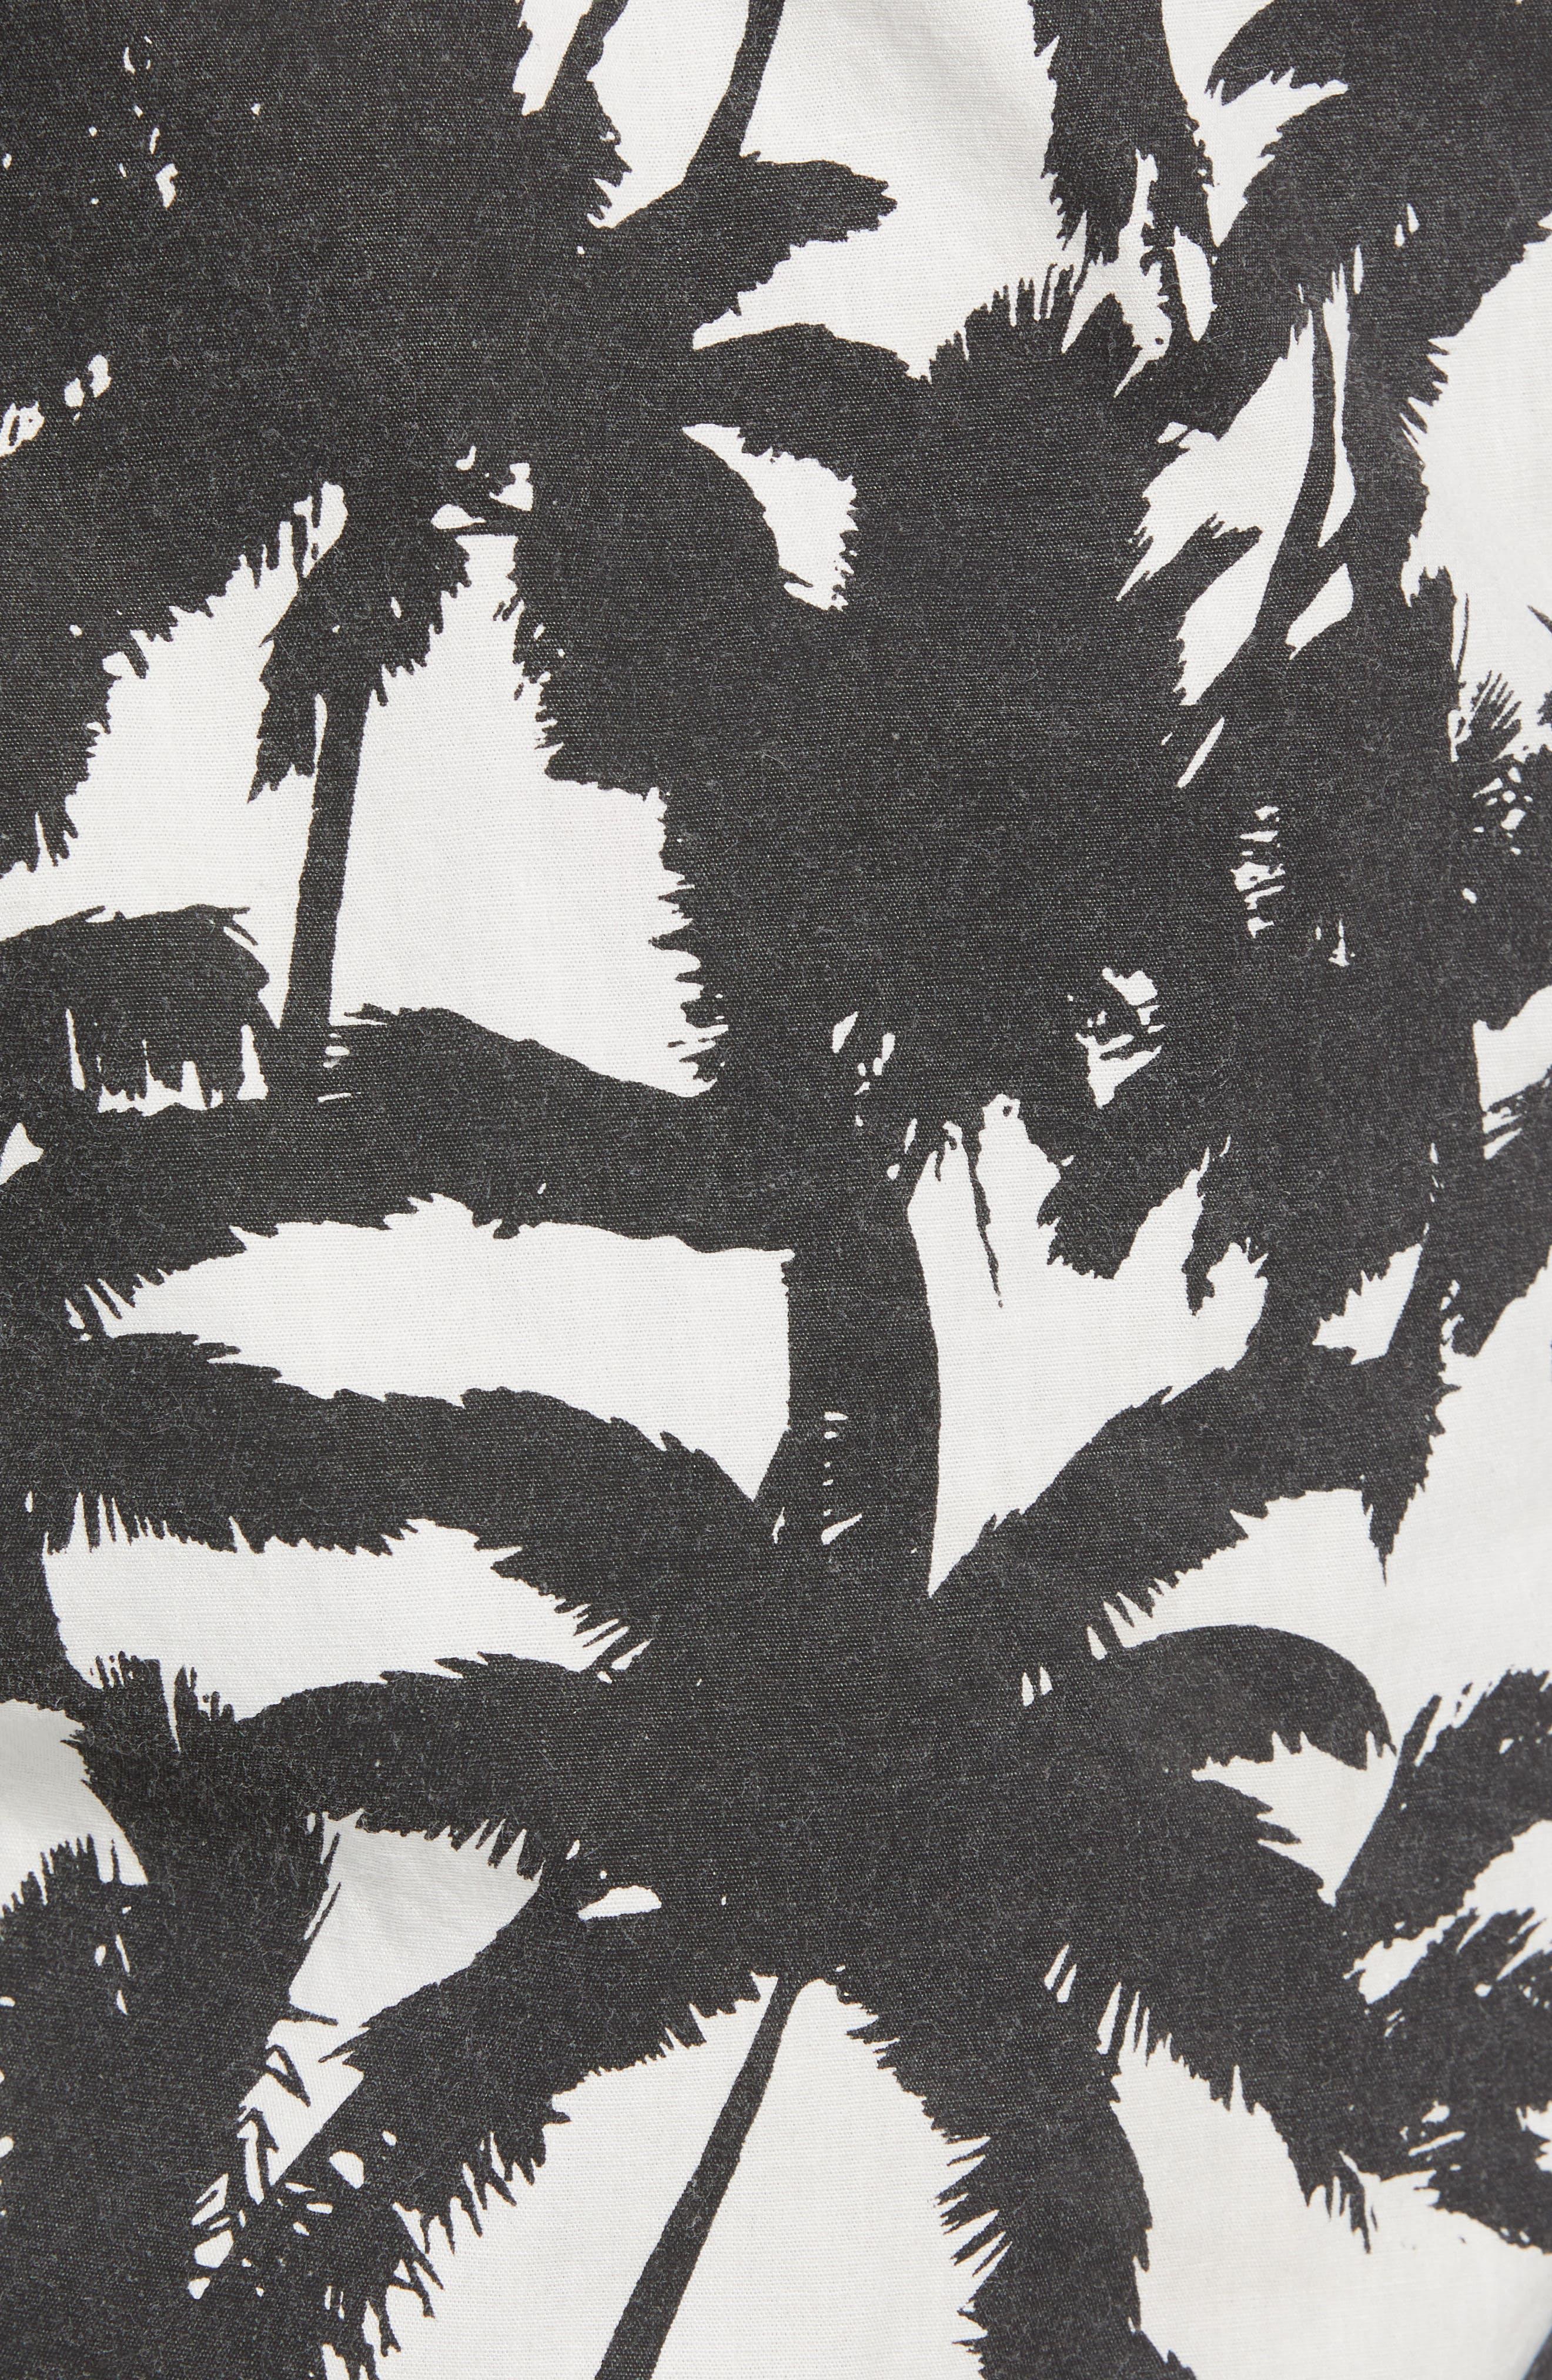 Easy Boardie - Venice Swim Trunks,                             Alternate thumbnail 4, color,                             Venice